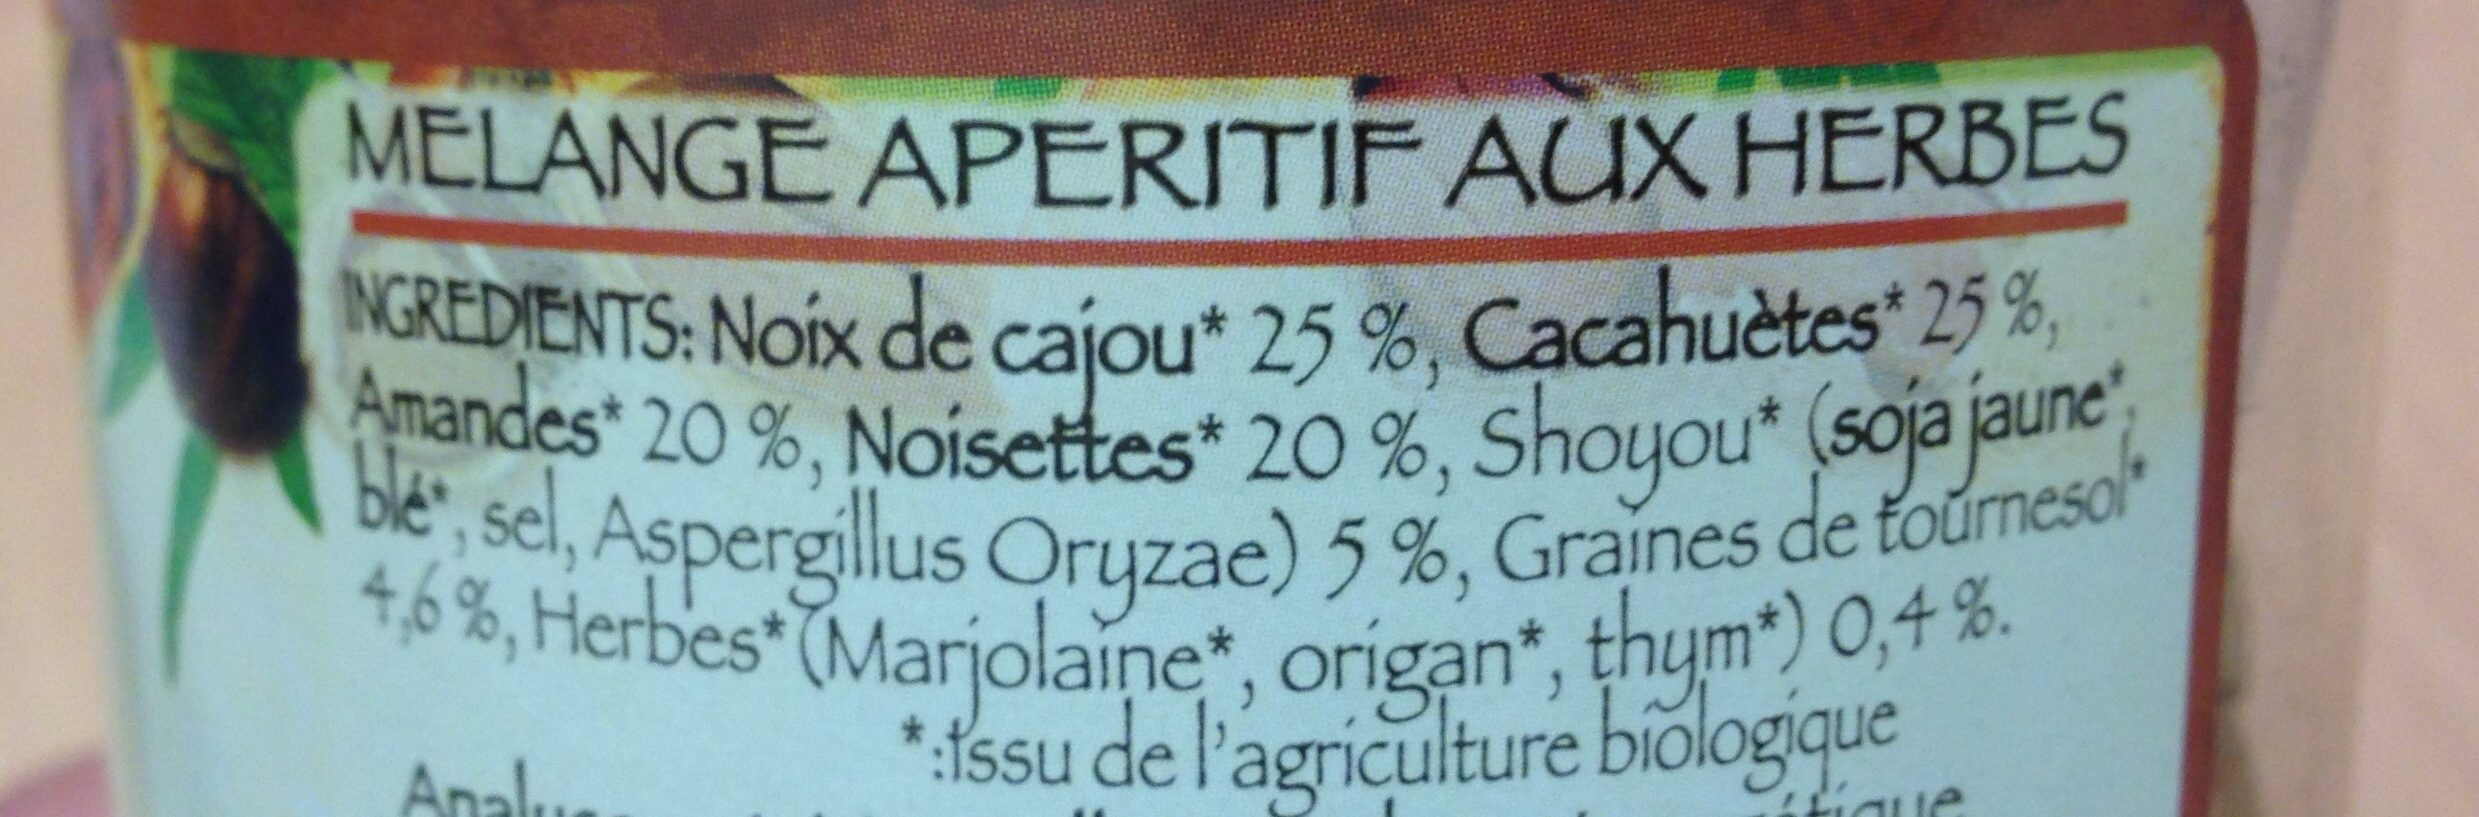 Mélange apéritif aux herbes - Ingrédients